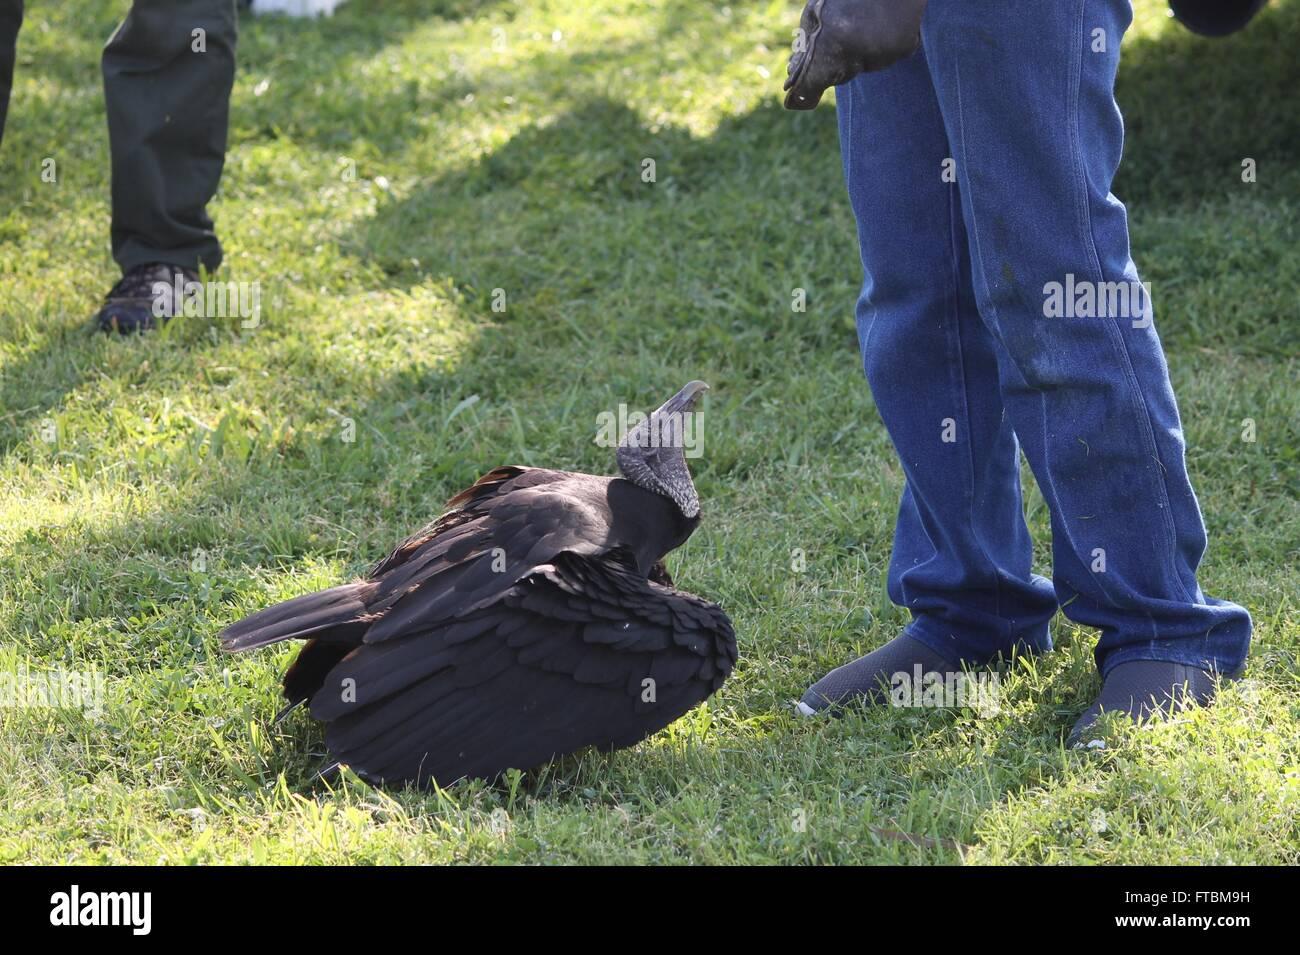 Black Vulture at Lake Livingston State Park - Stock Image